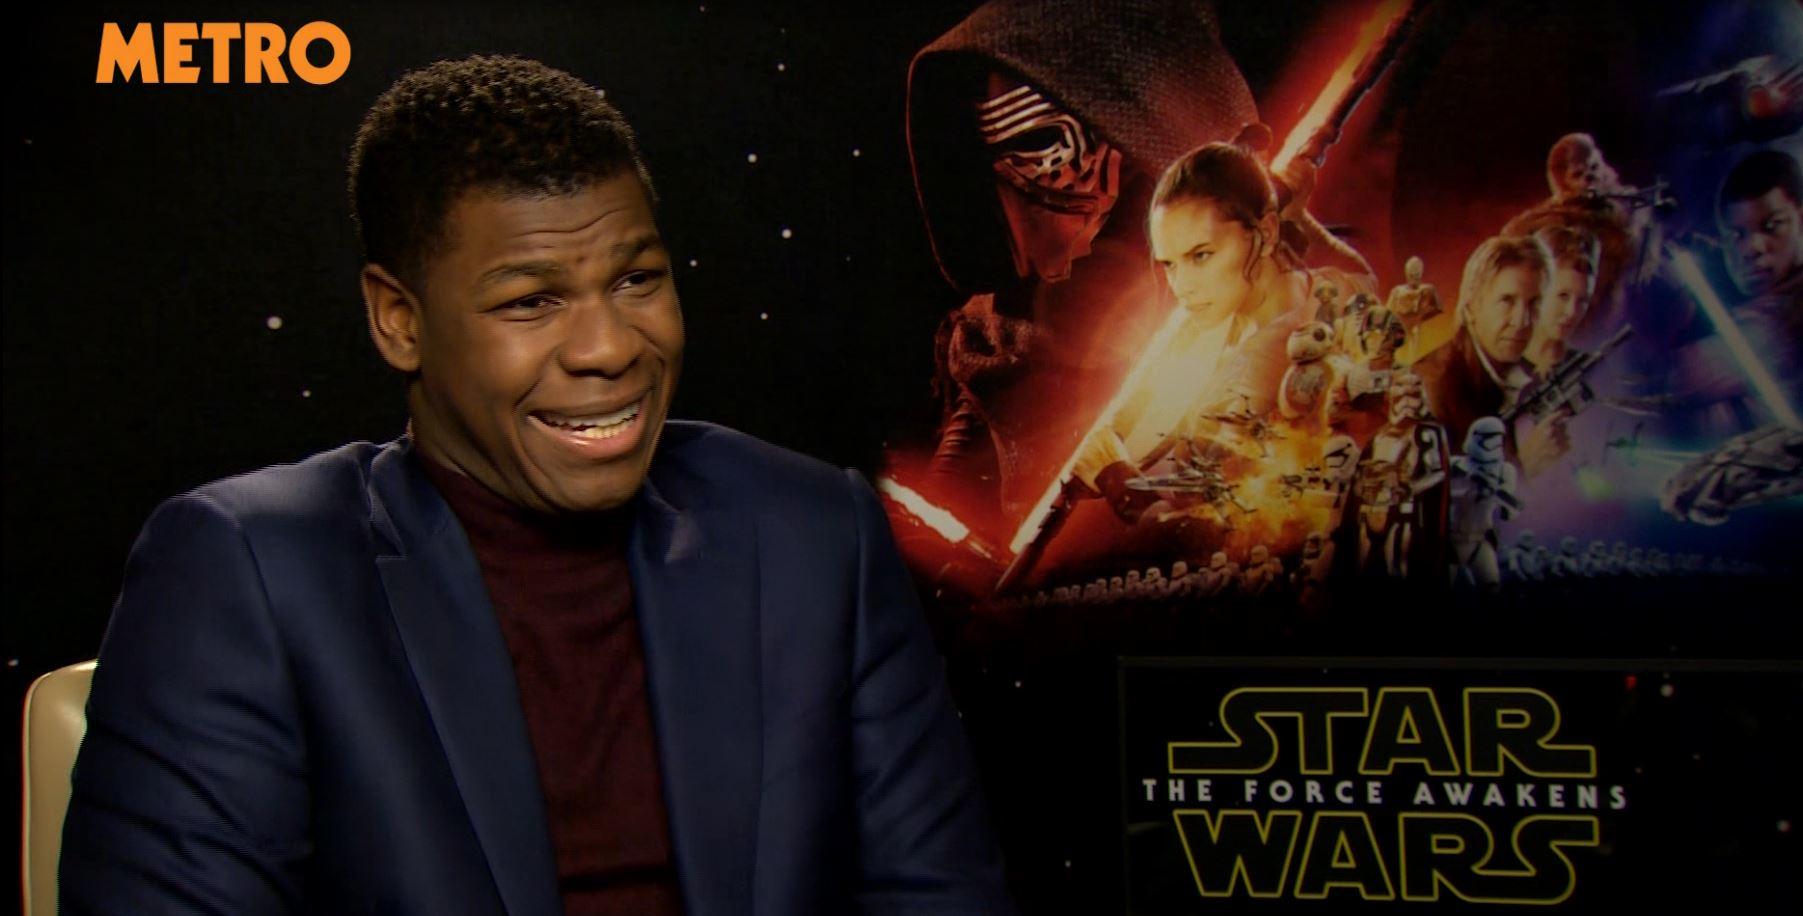 John Boyega reveals plot details for Star Wars Episode VIII